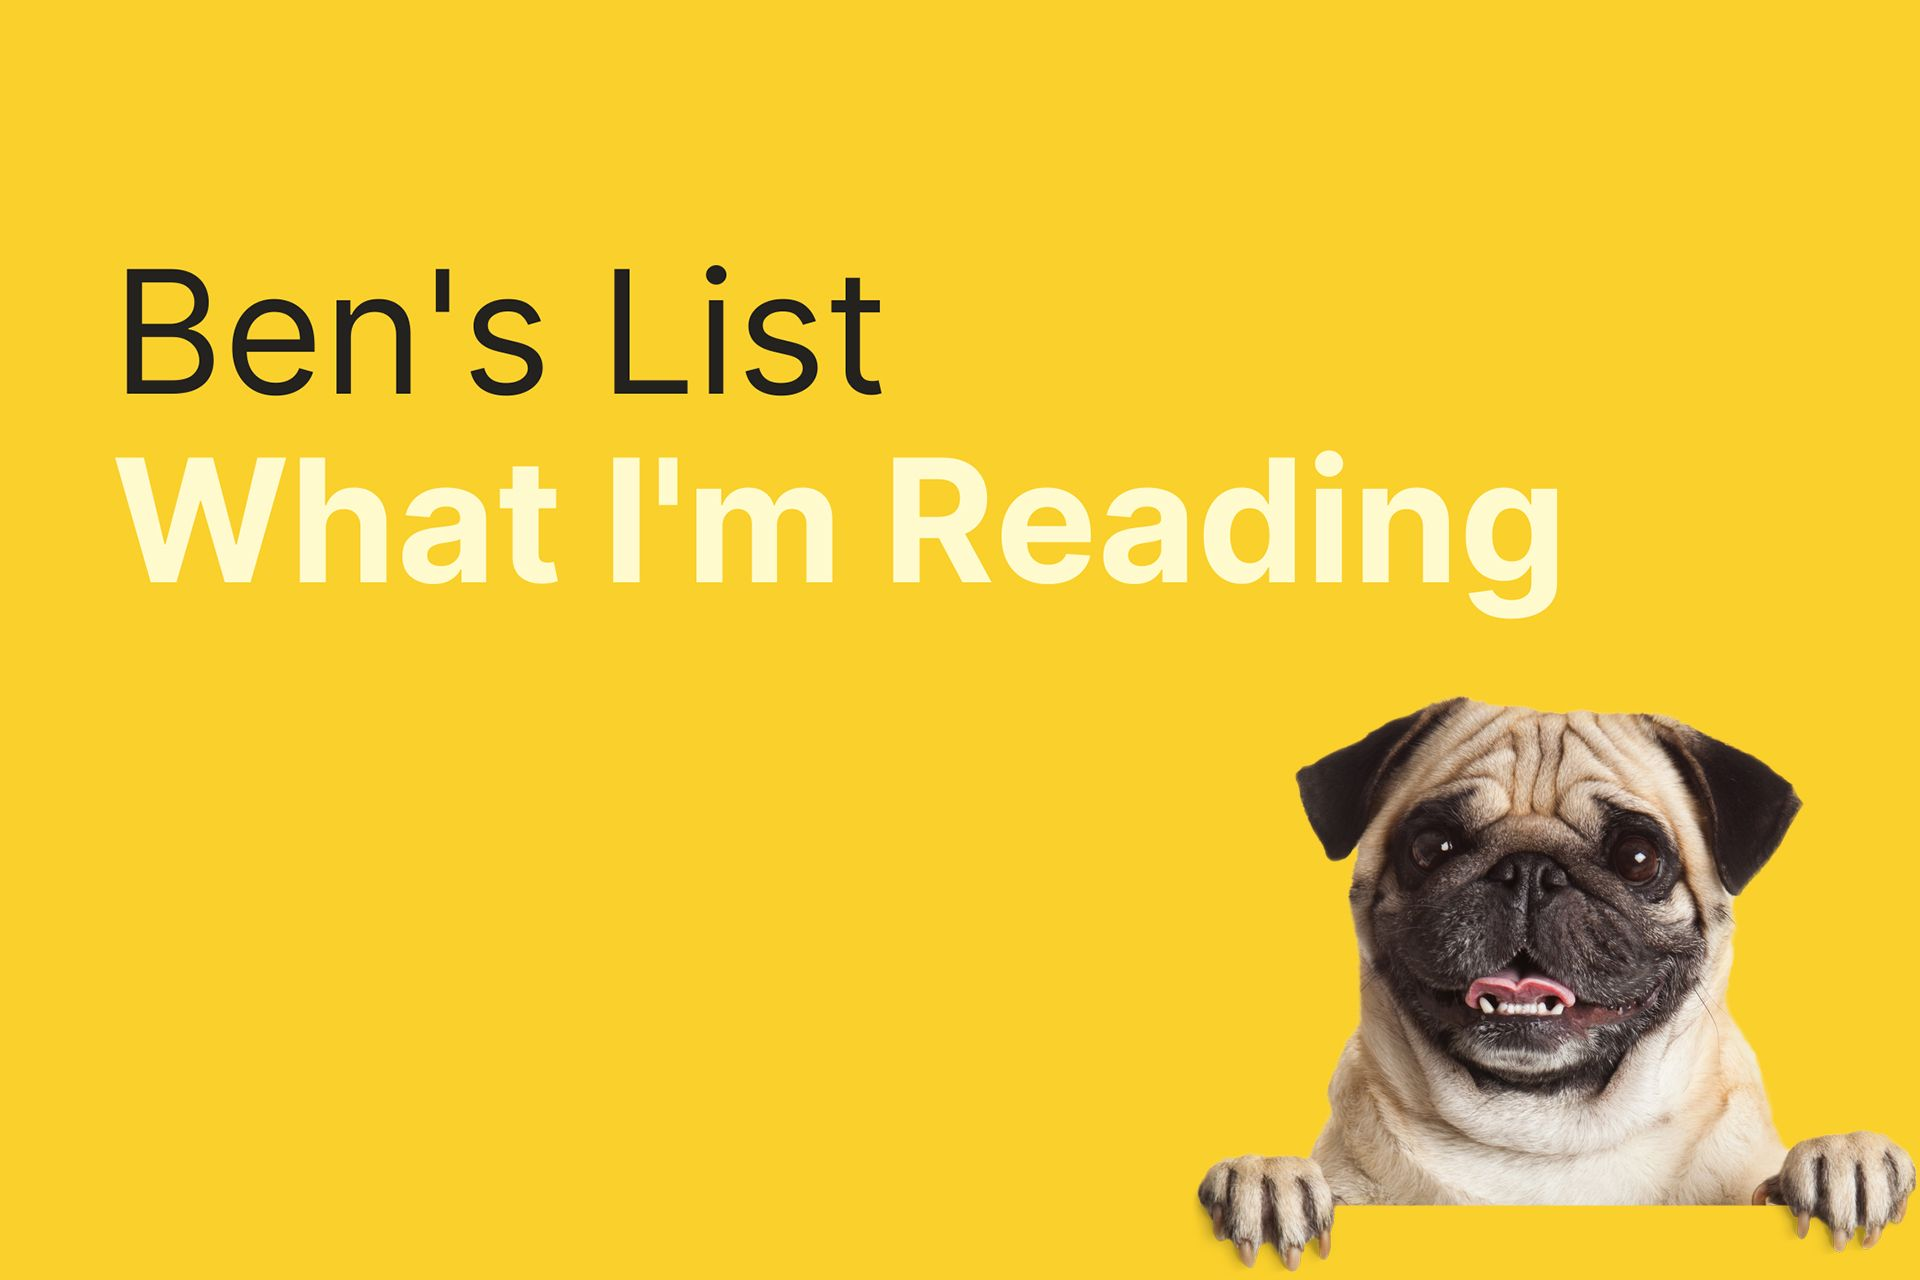 Ben's List